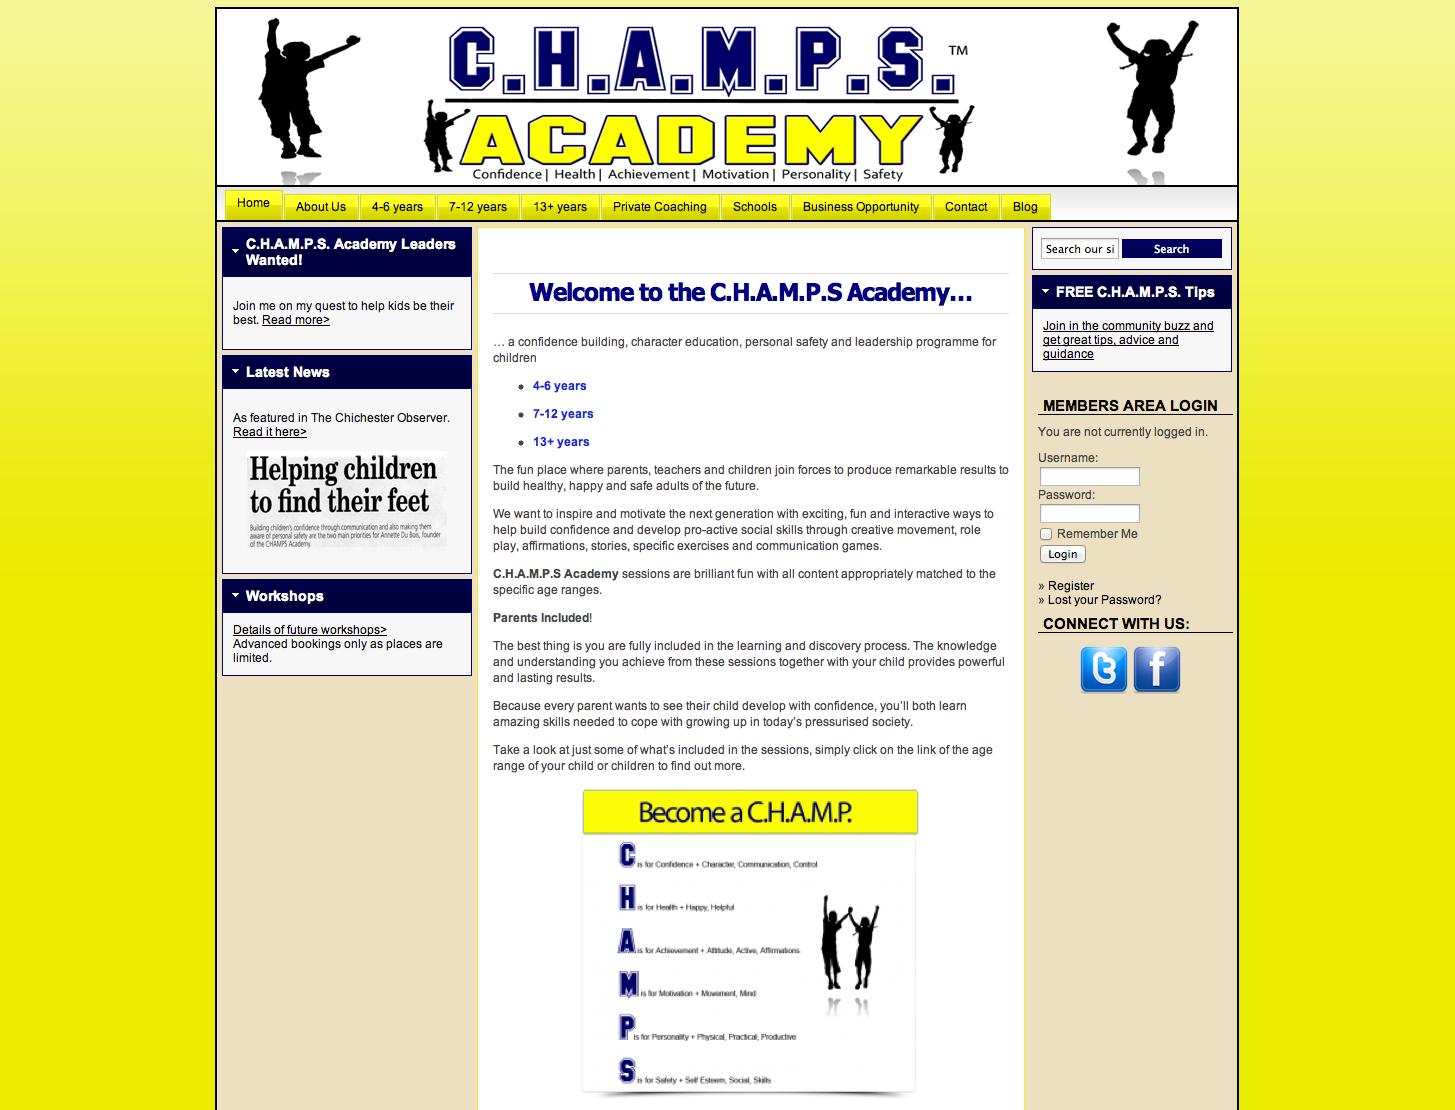 C.H.A.M.P.S Academy